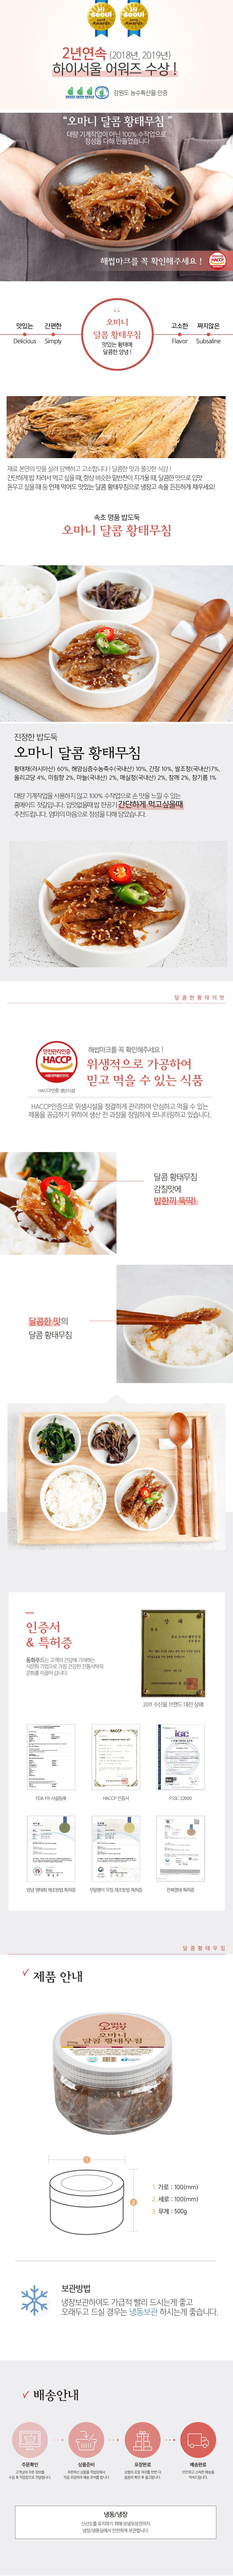 hwangtaemuchim_page_500g.jpg